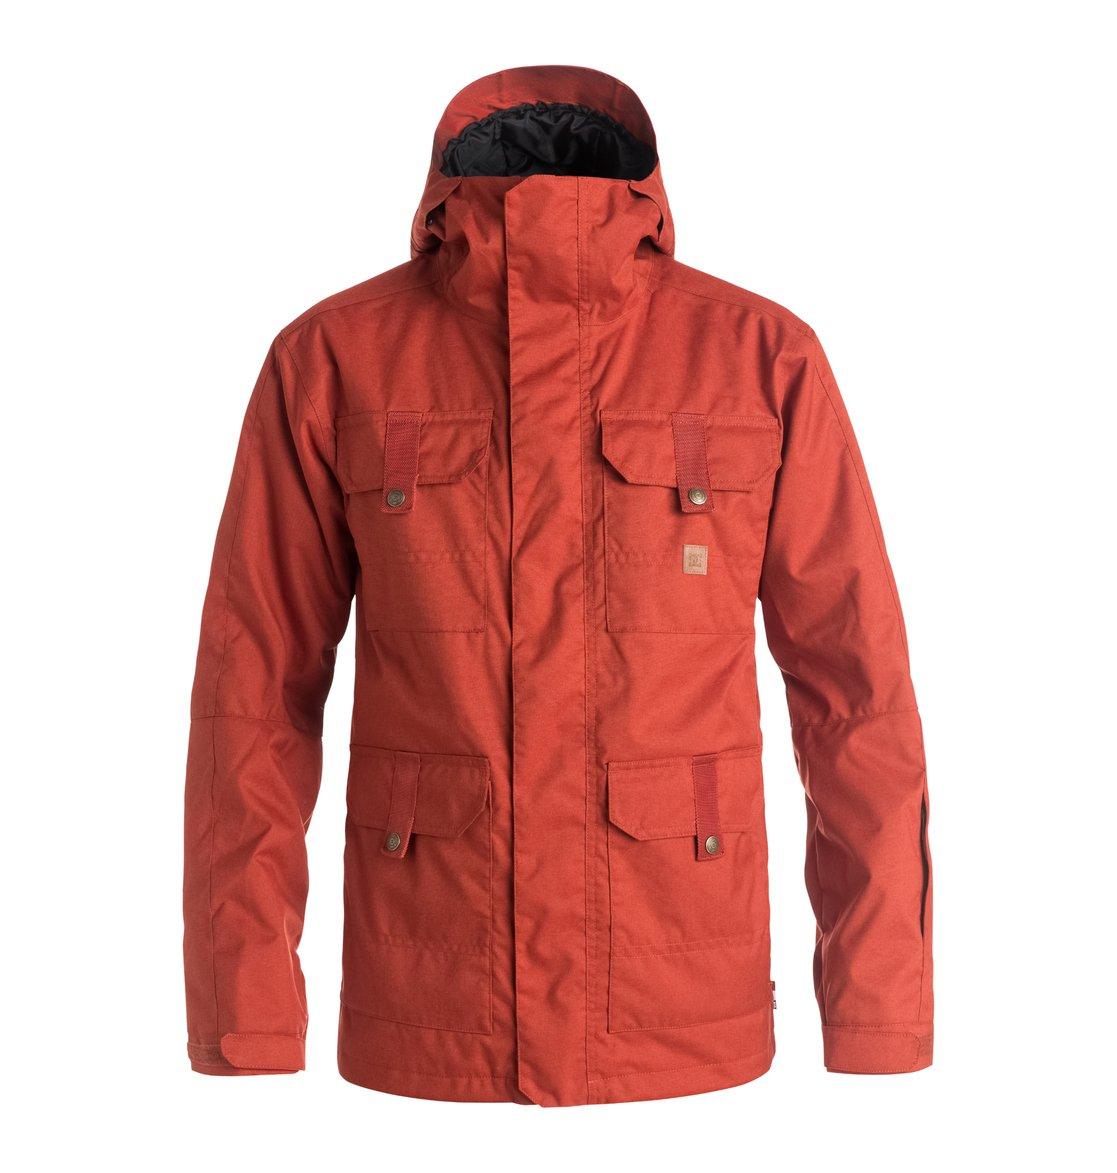 Сноубордическая куртка ServoГибрид классического горнолыжного стиля с тенденциями в спортивной моде, идеально приспособленный для активного универсального катания по трассам и вне трасс.<br>